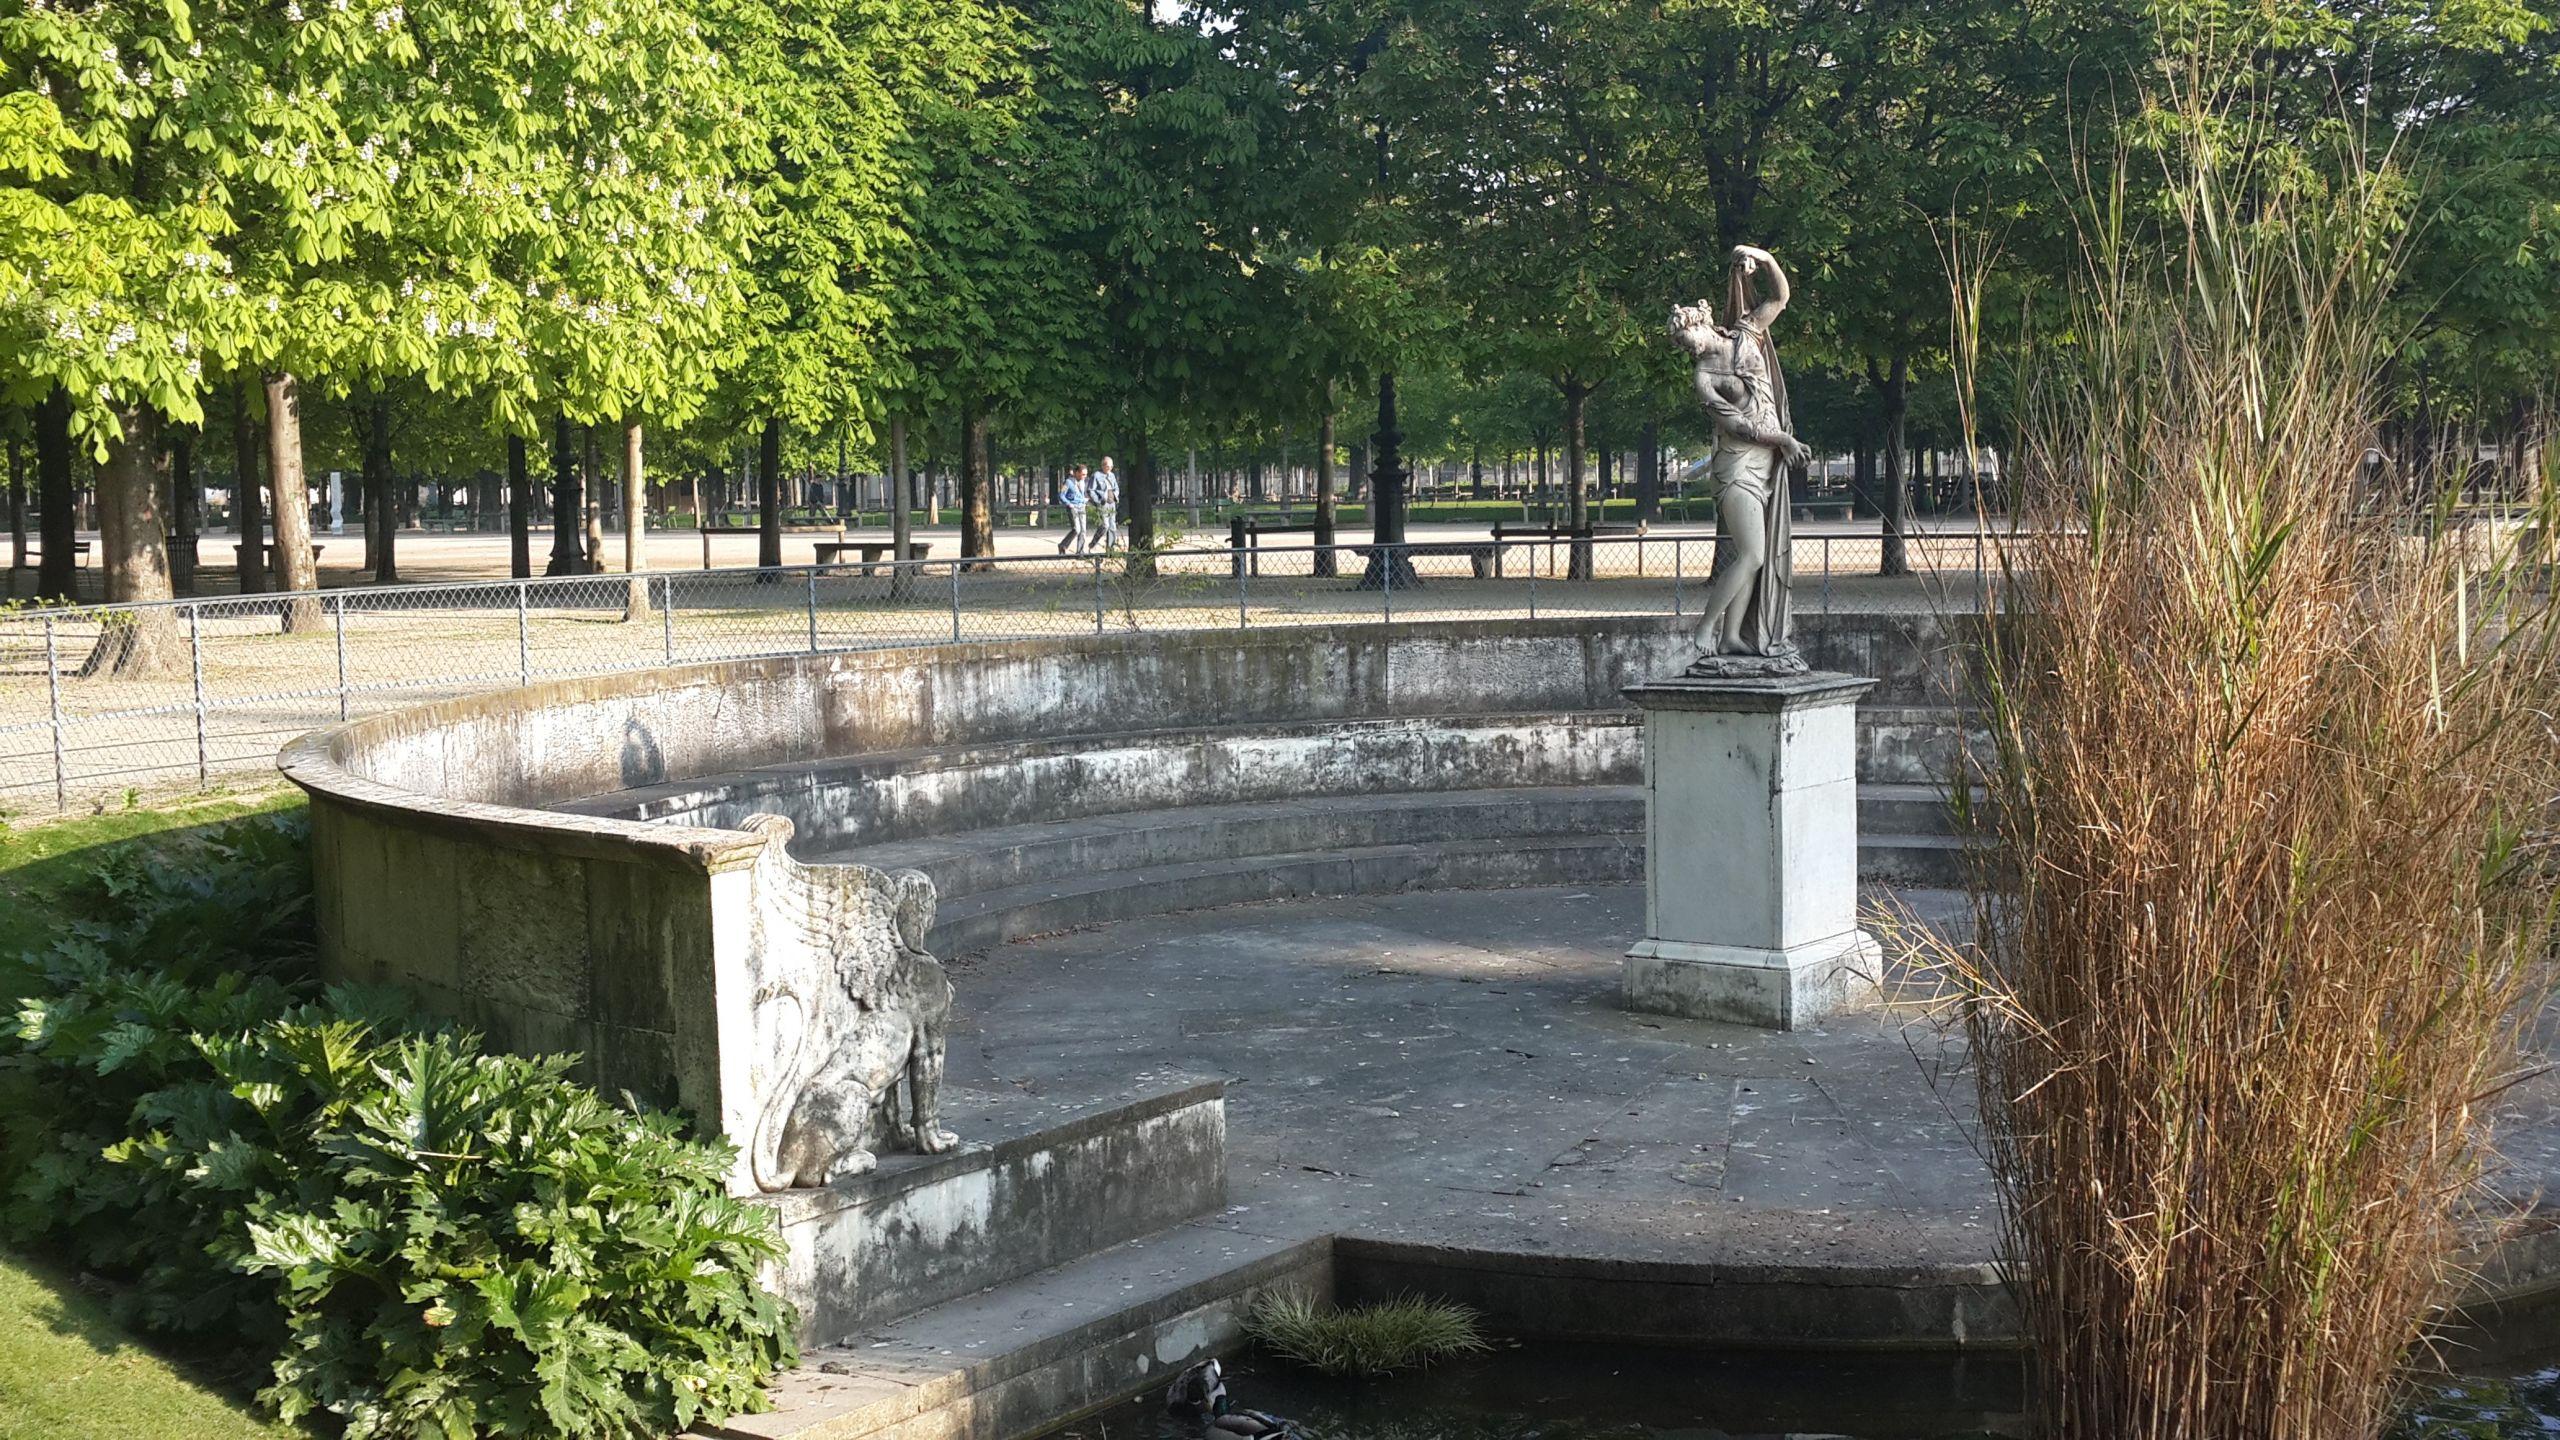 François Barois Vénus callipyge Rectangular south basin of the Jardin des Tuileries Paris 2